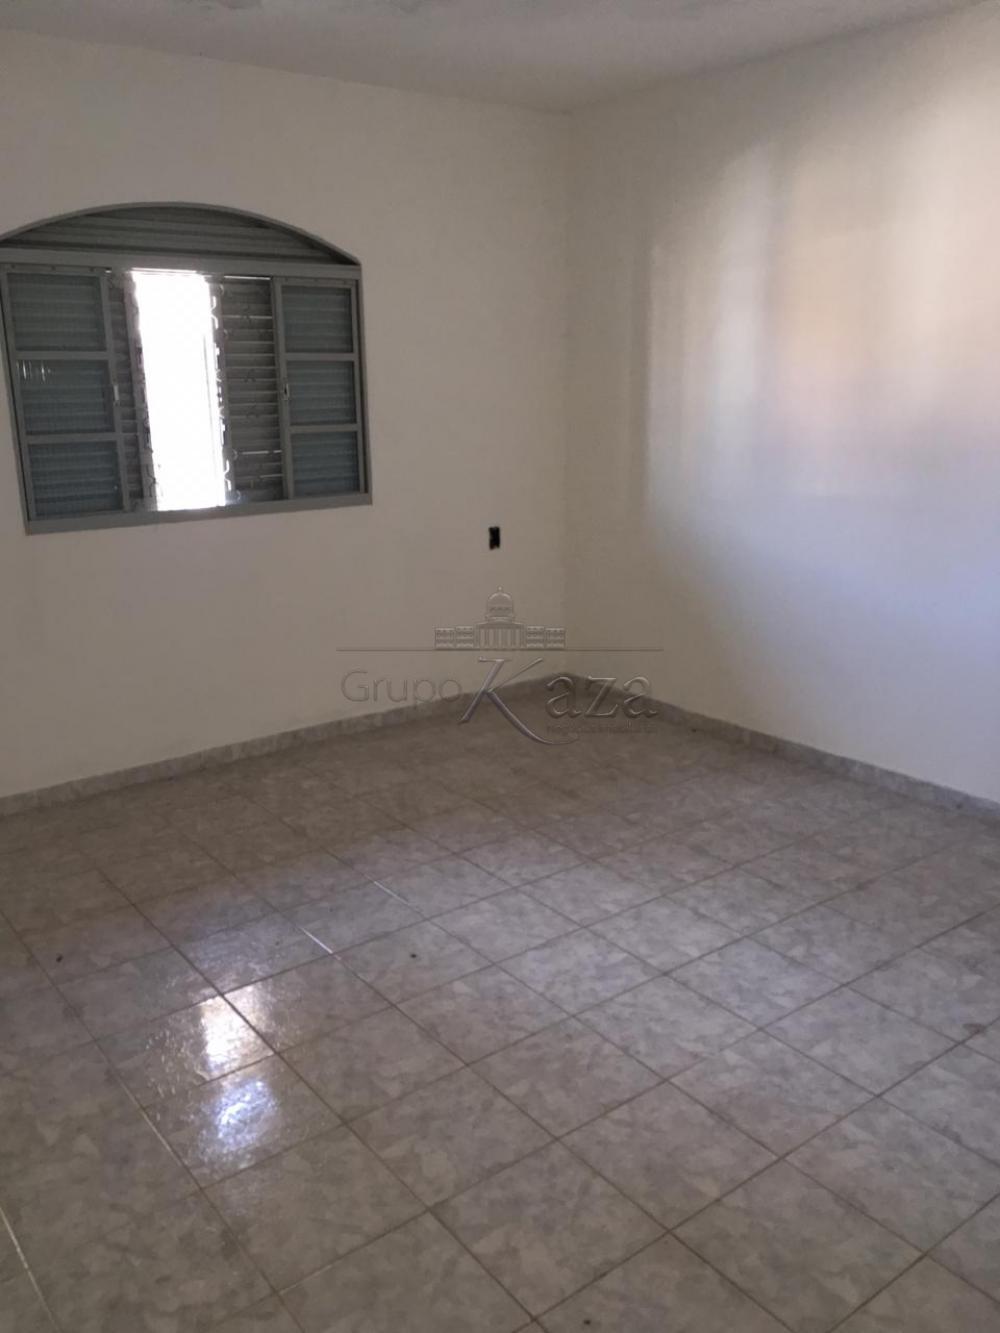 Alugar Casa / Padrão em São José dos Campos apenas R$ 1.200,00 - Foto 8